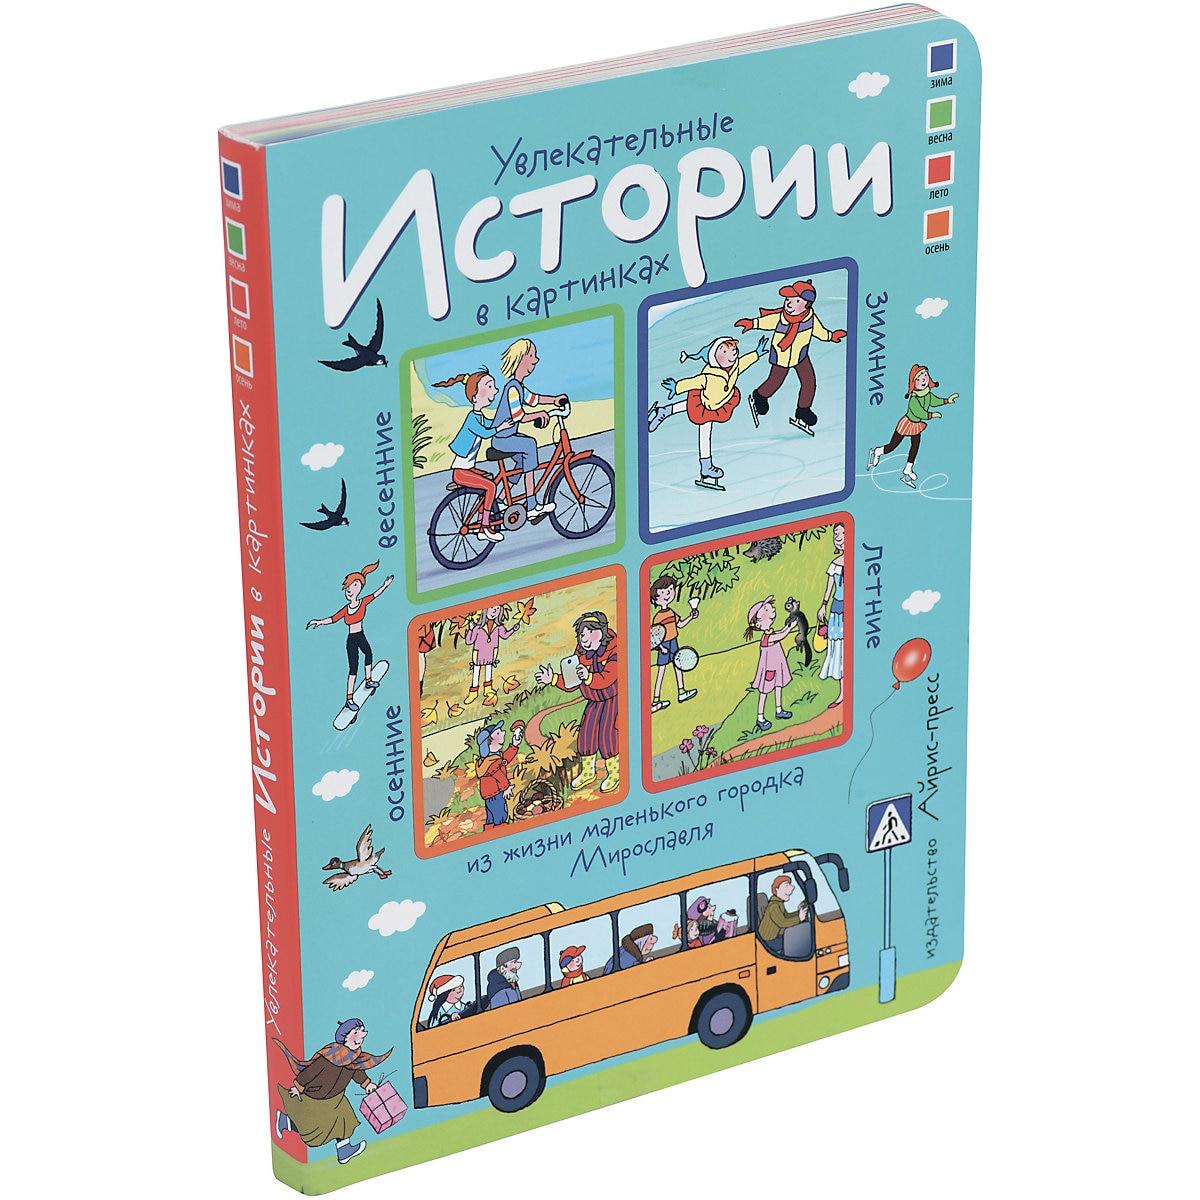 Книга с картинками Из жизни маленького городка Мирославля Увлекательные истории в картинках